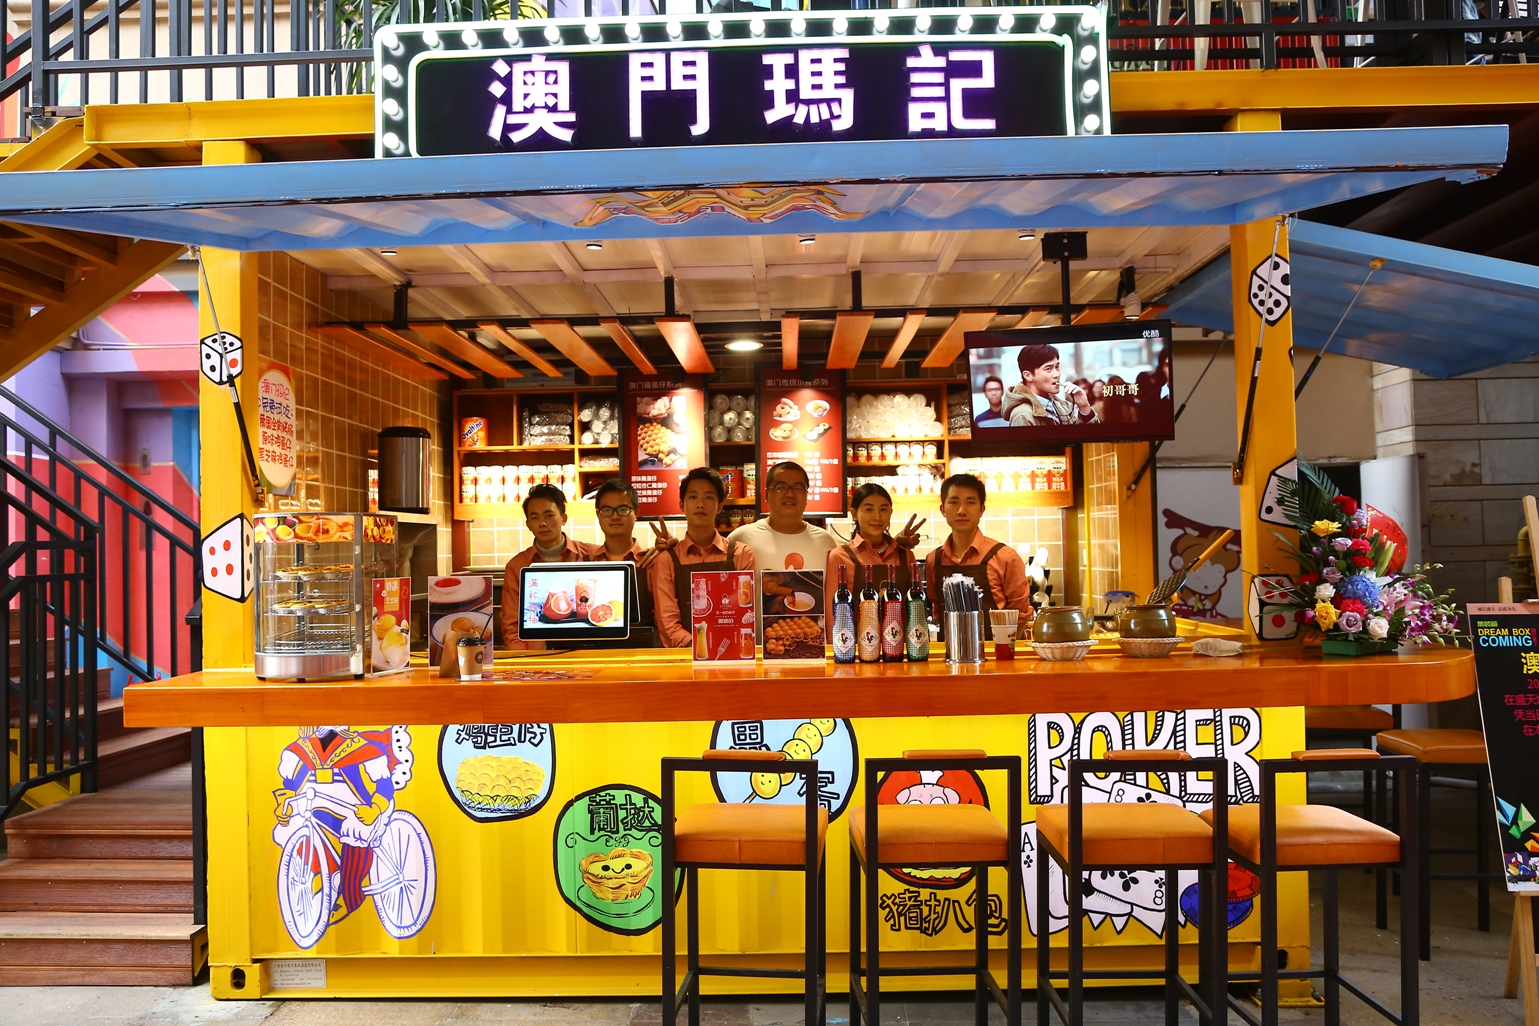 东南亚潮人美食街Dream Box在w88优德娱乐城地正式开街,近百人围观